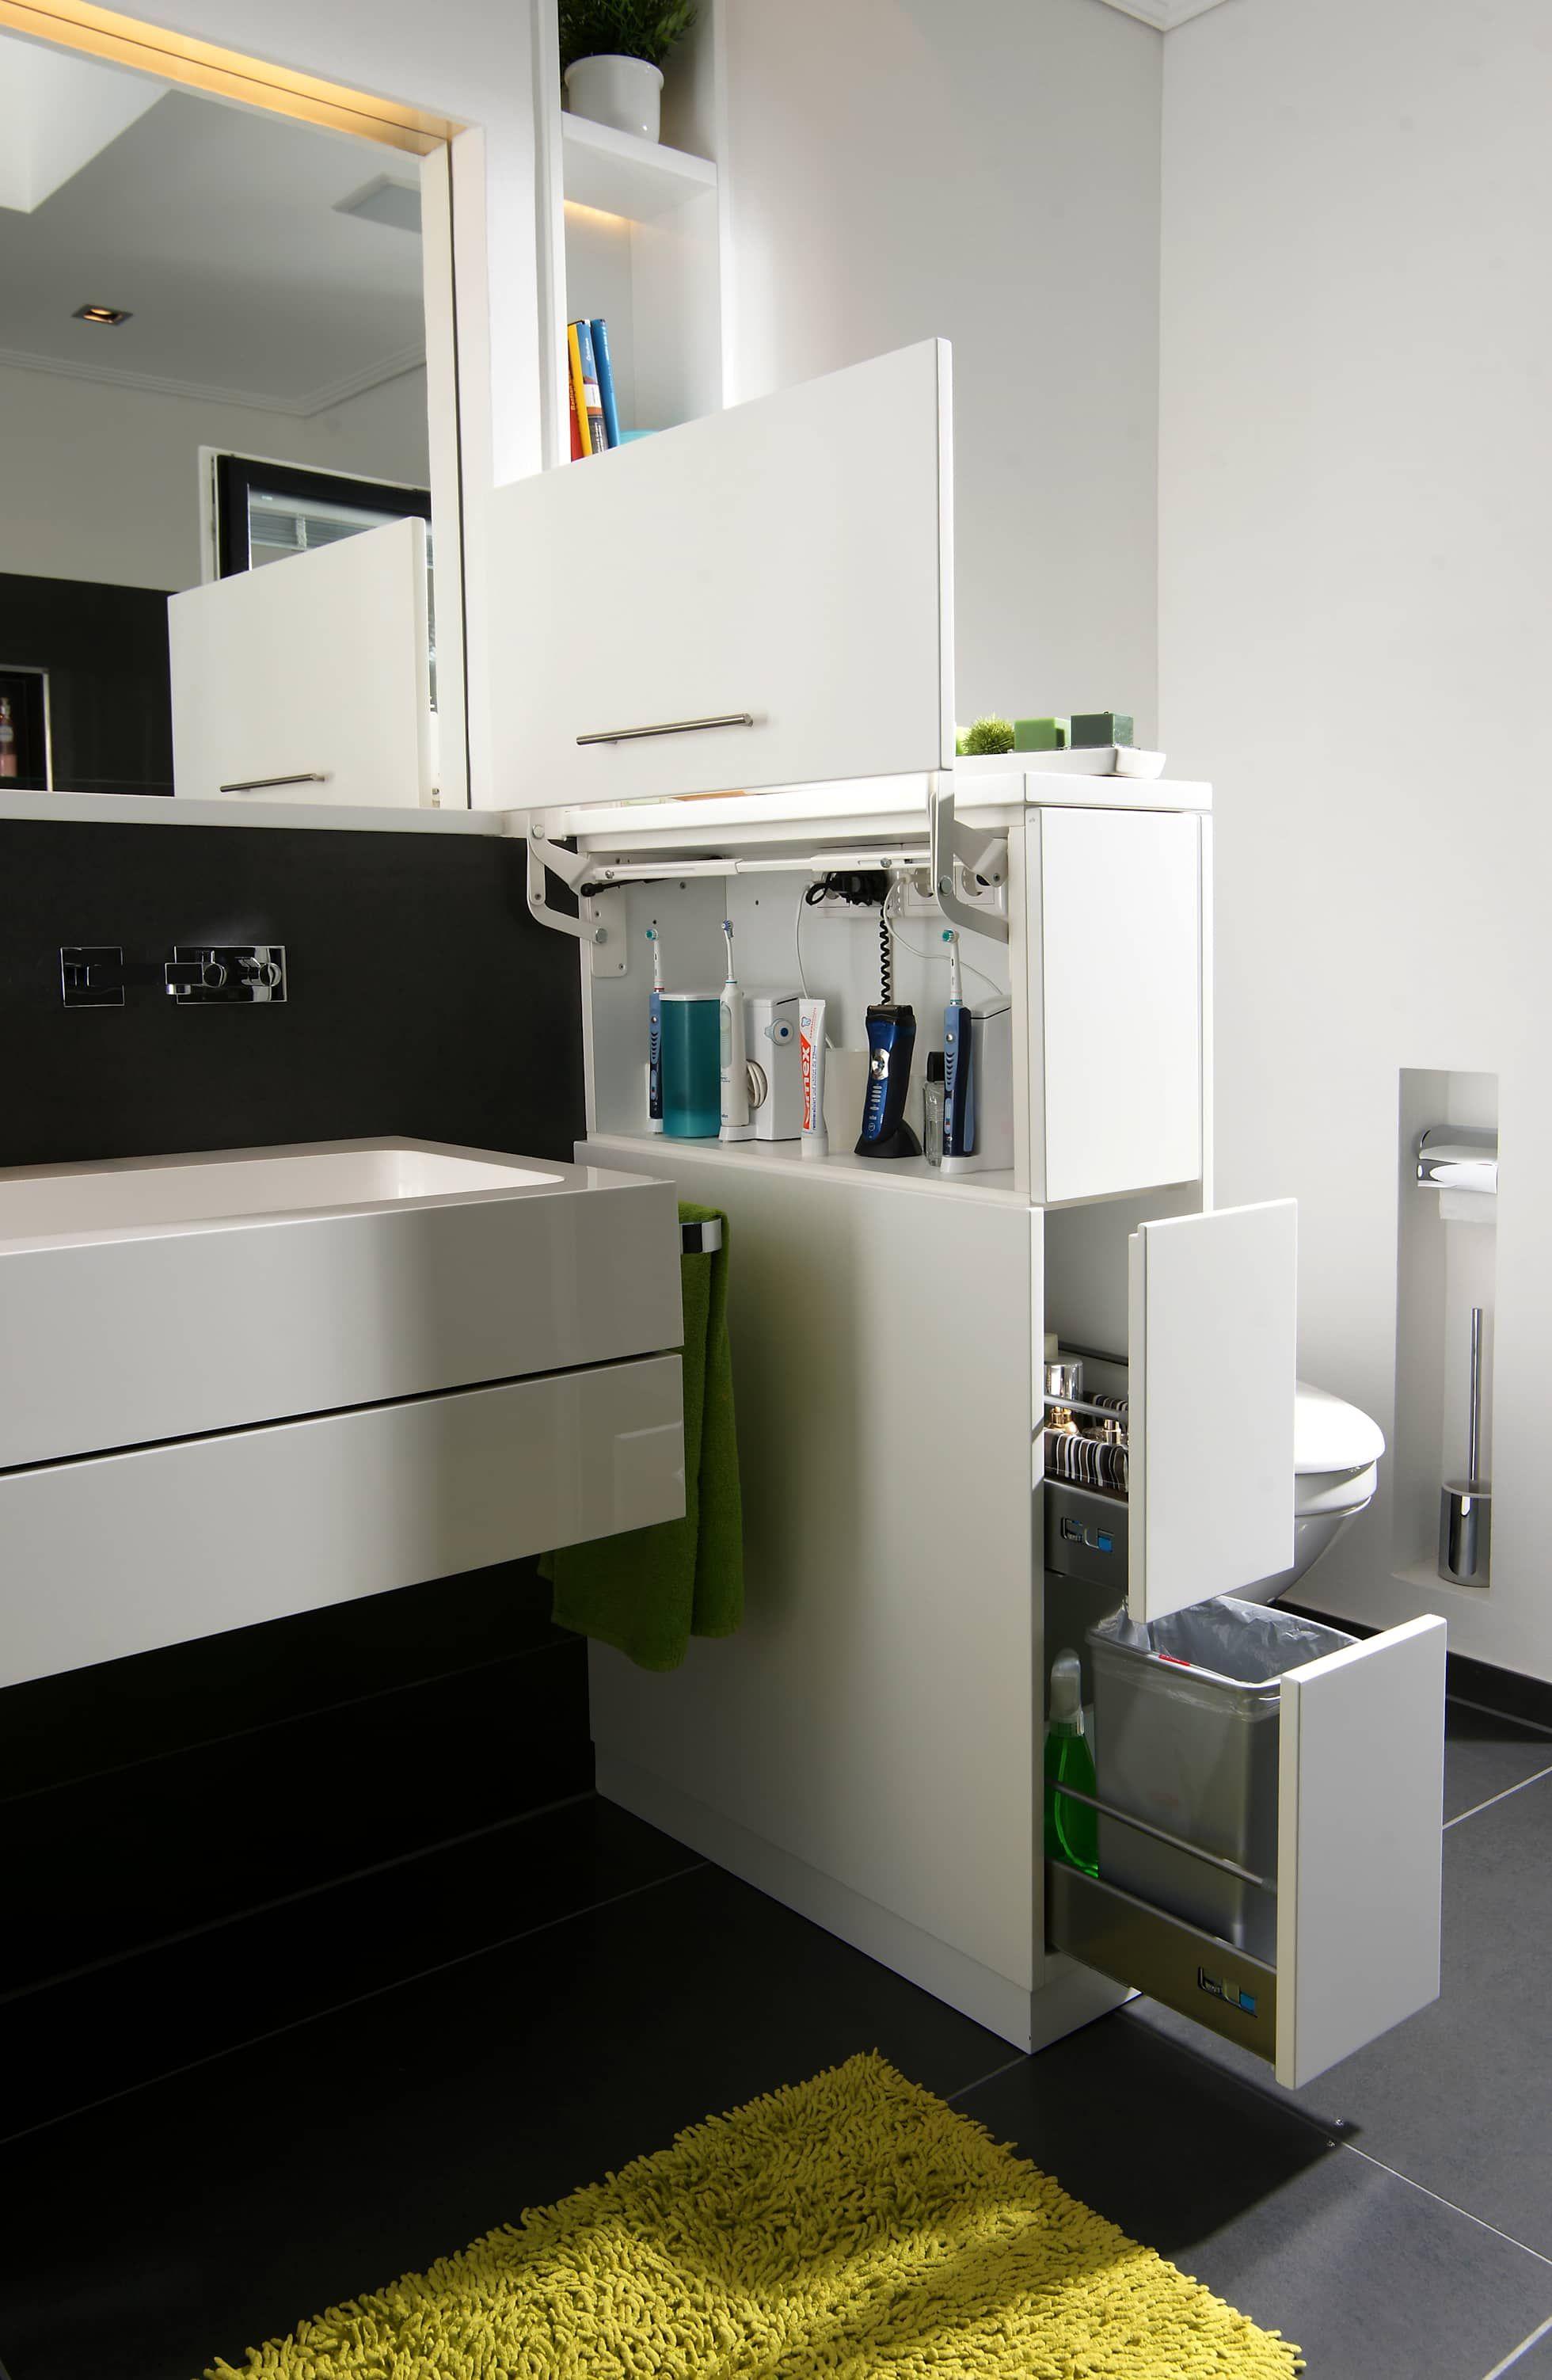 Wohnideen, Interior Design, Einrichtungsideen & Bilder | Badideen ...